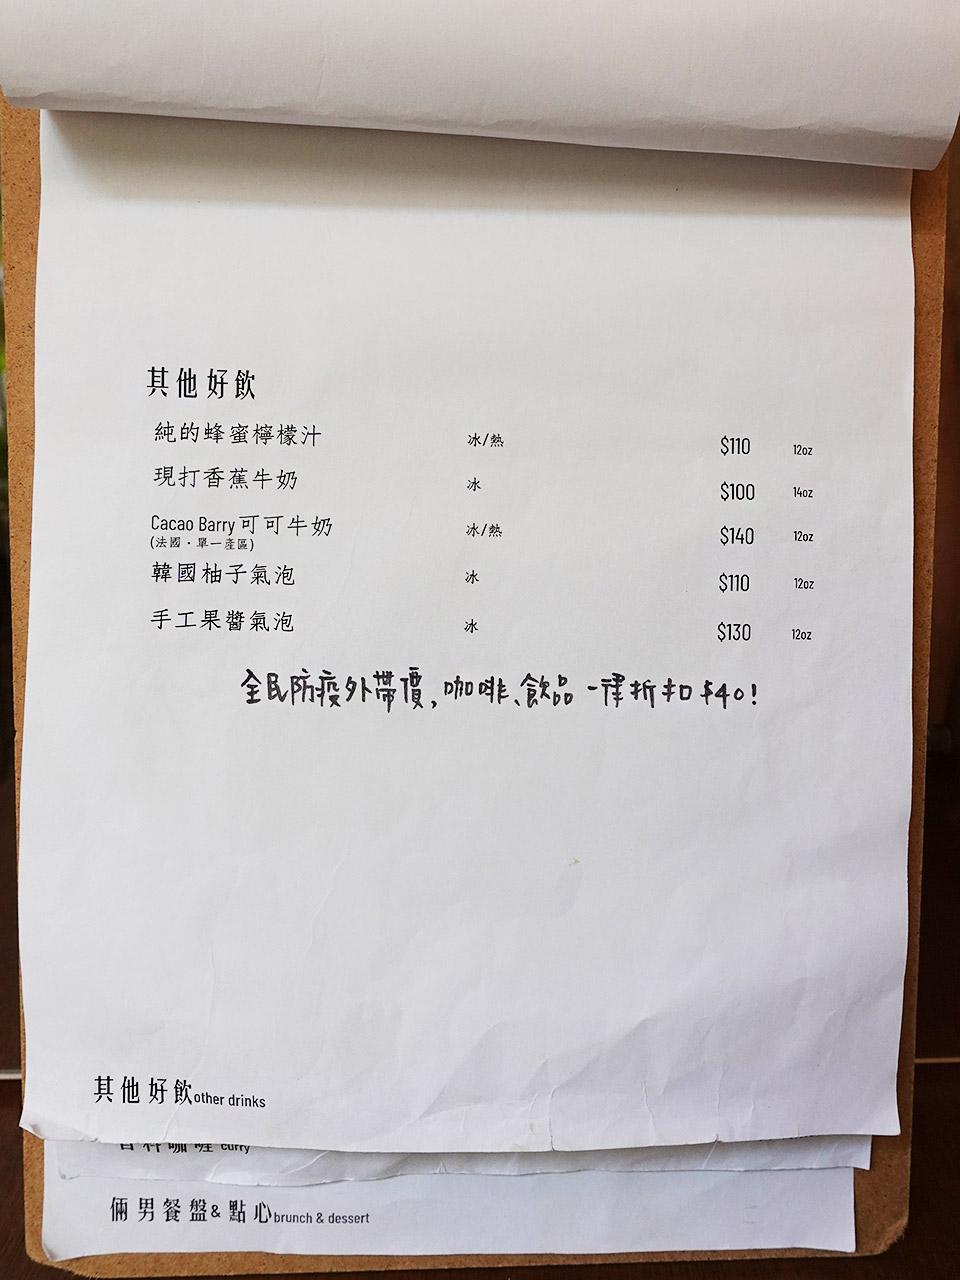 倆男咖啡室菜單